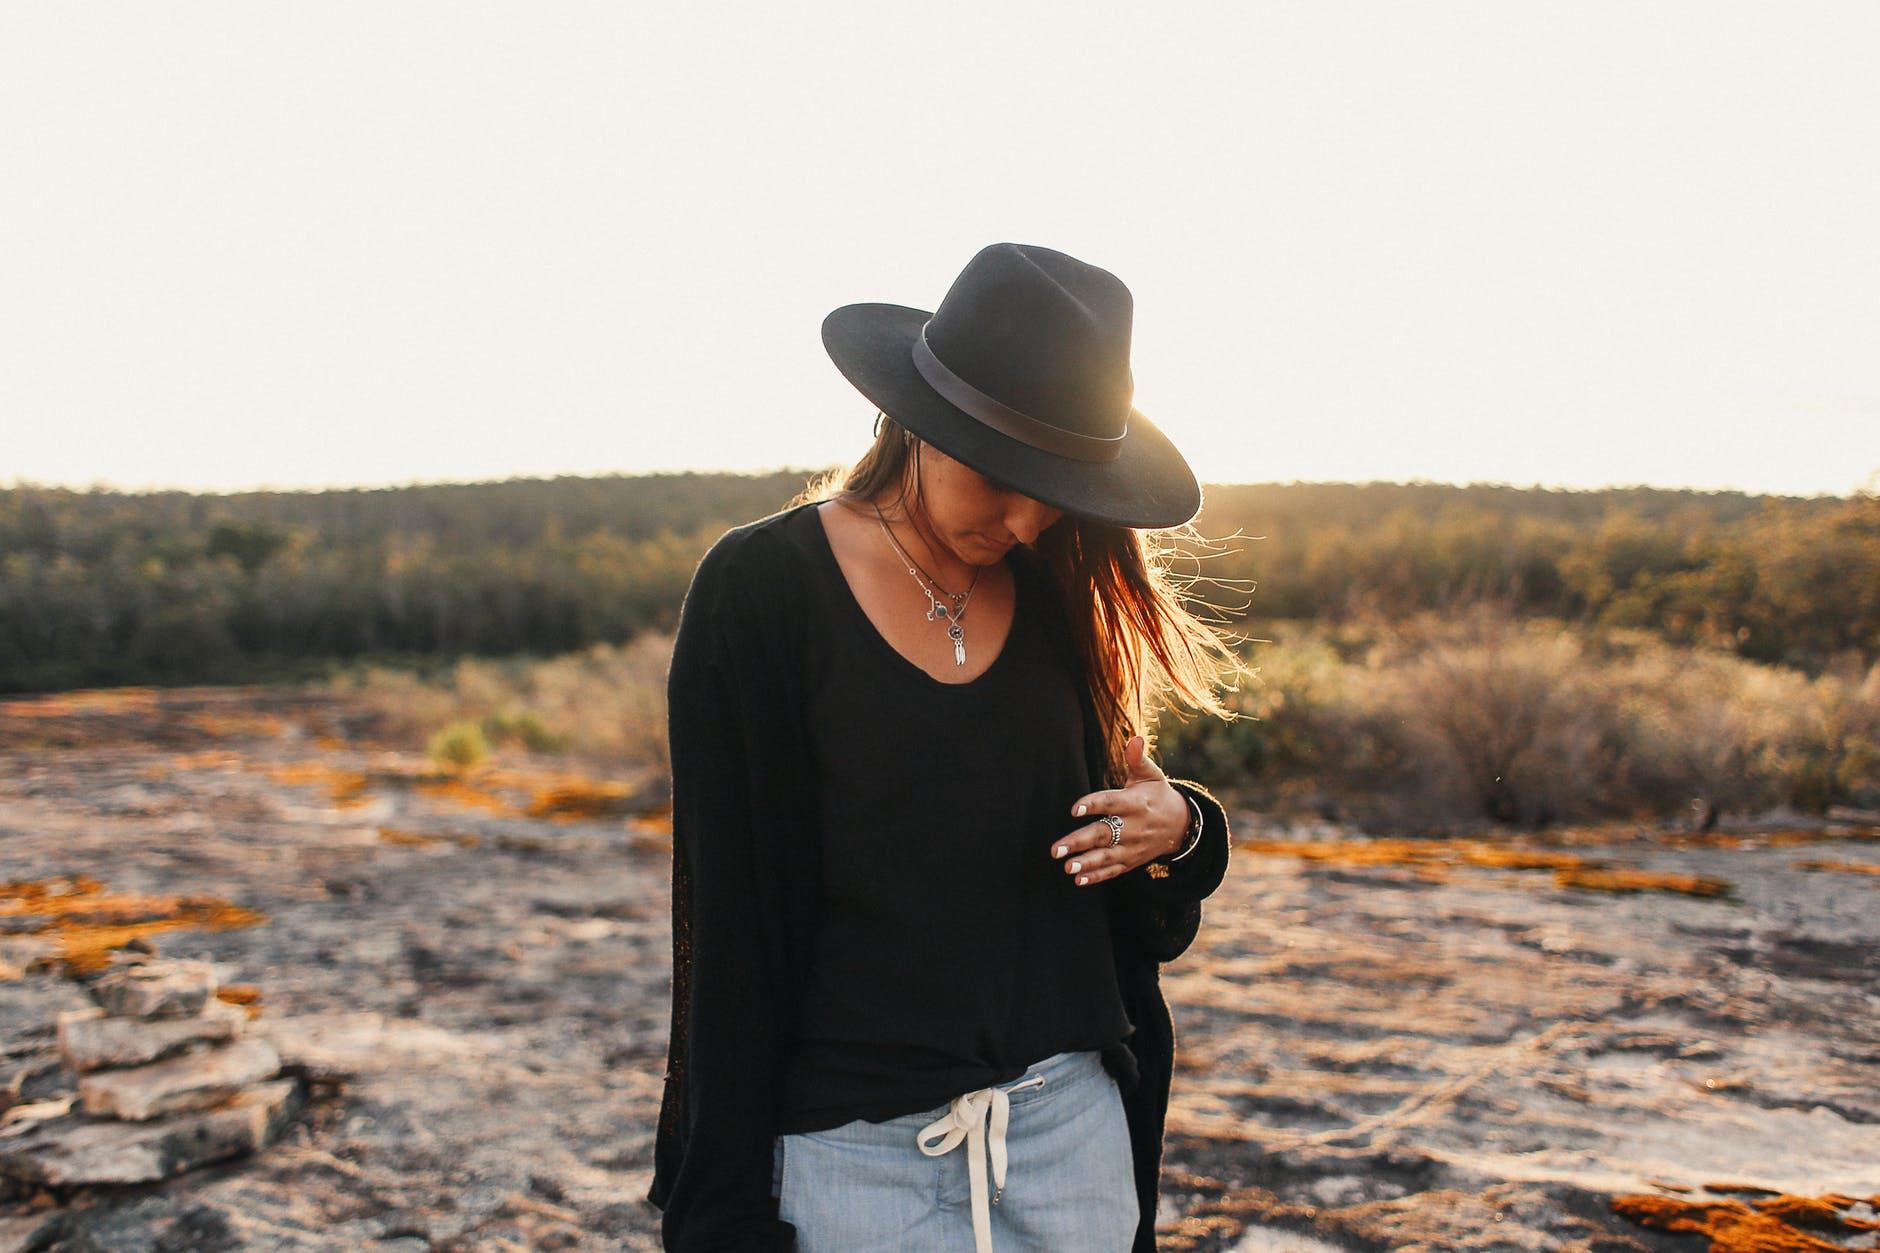 Guía para viajar sola sin miedo